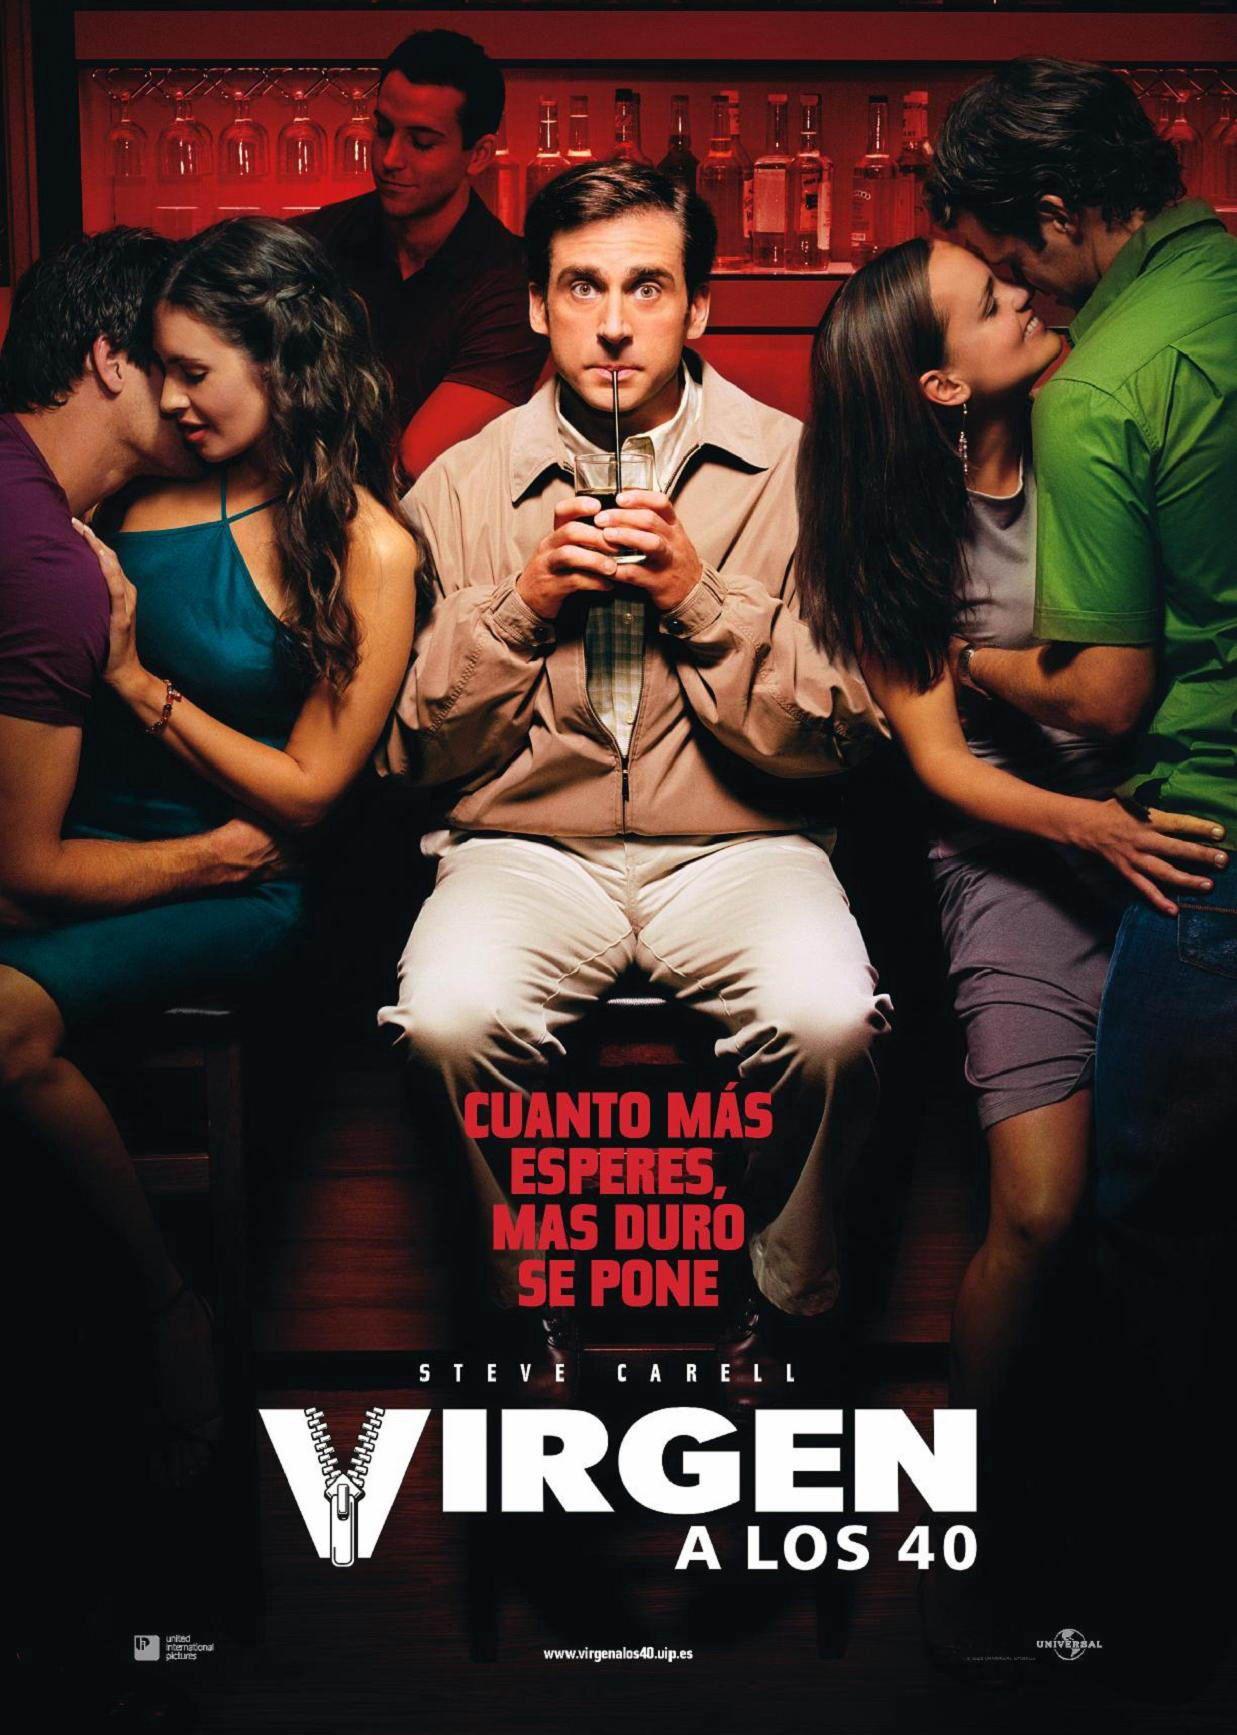 Virgen A Los 40 Peliculas Cine Peliculas Virgen A Los 40